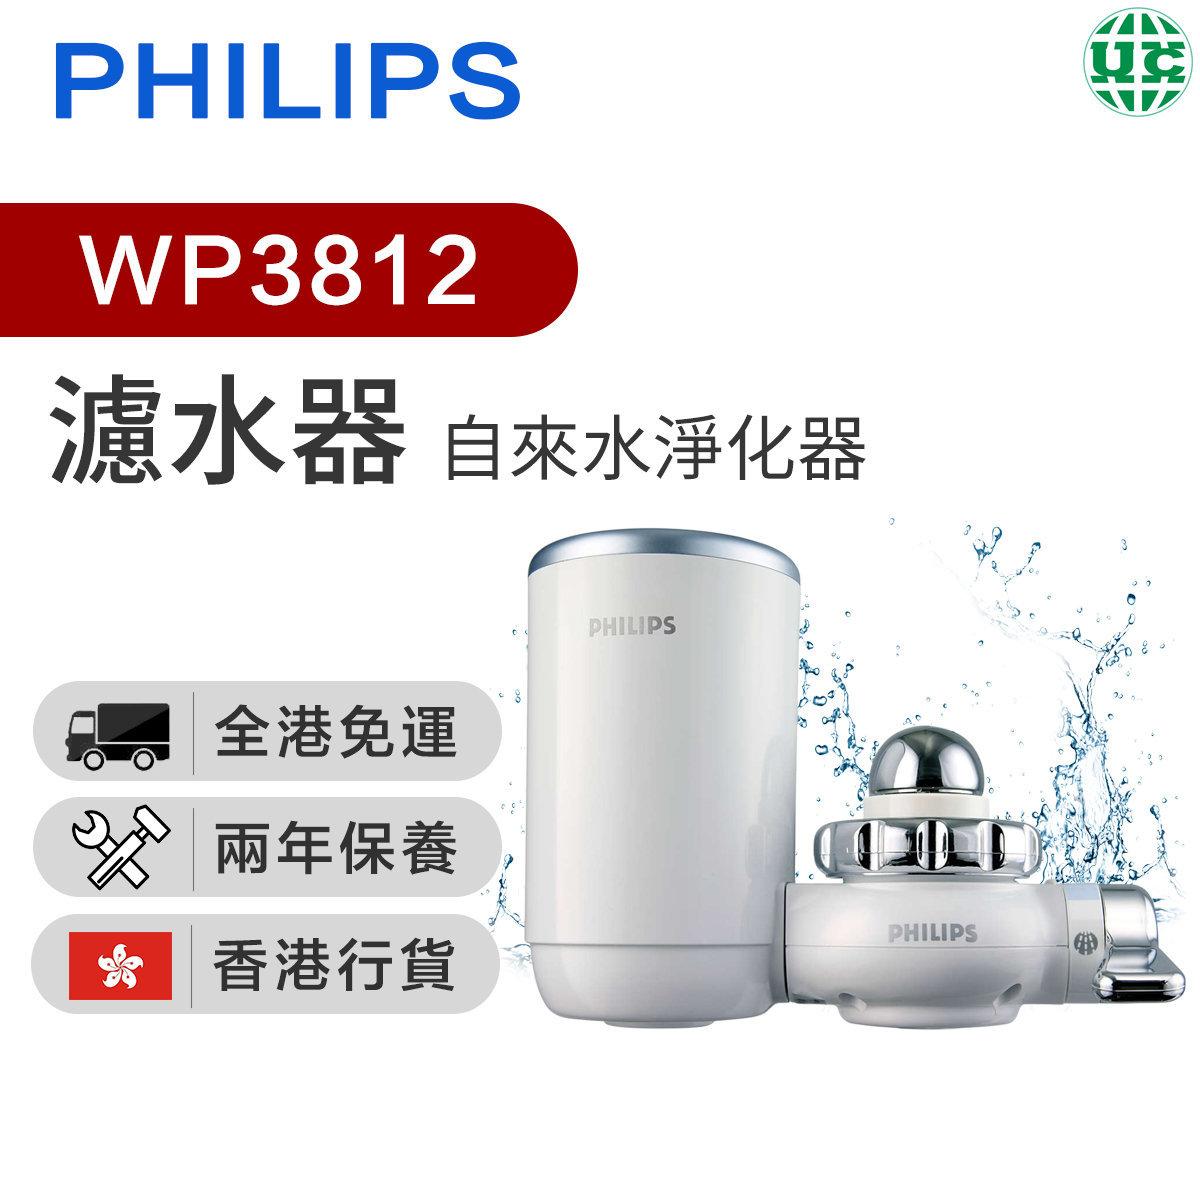 WP3812 Faucet Water Filter (Hong Kong licensed)